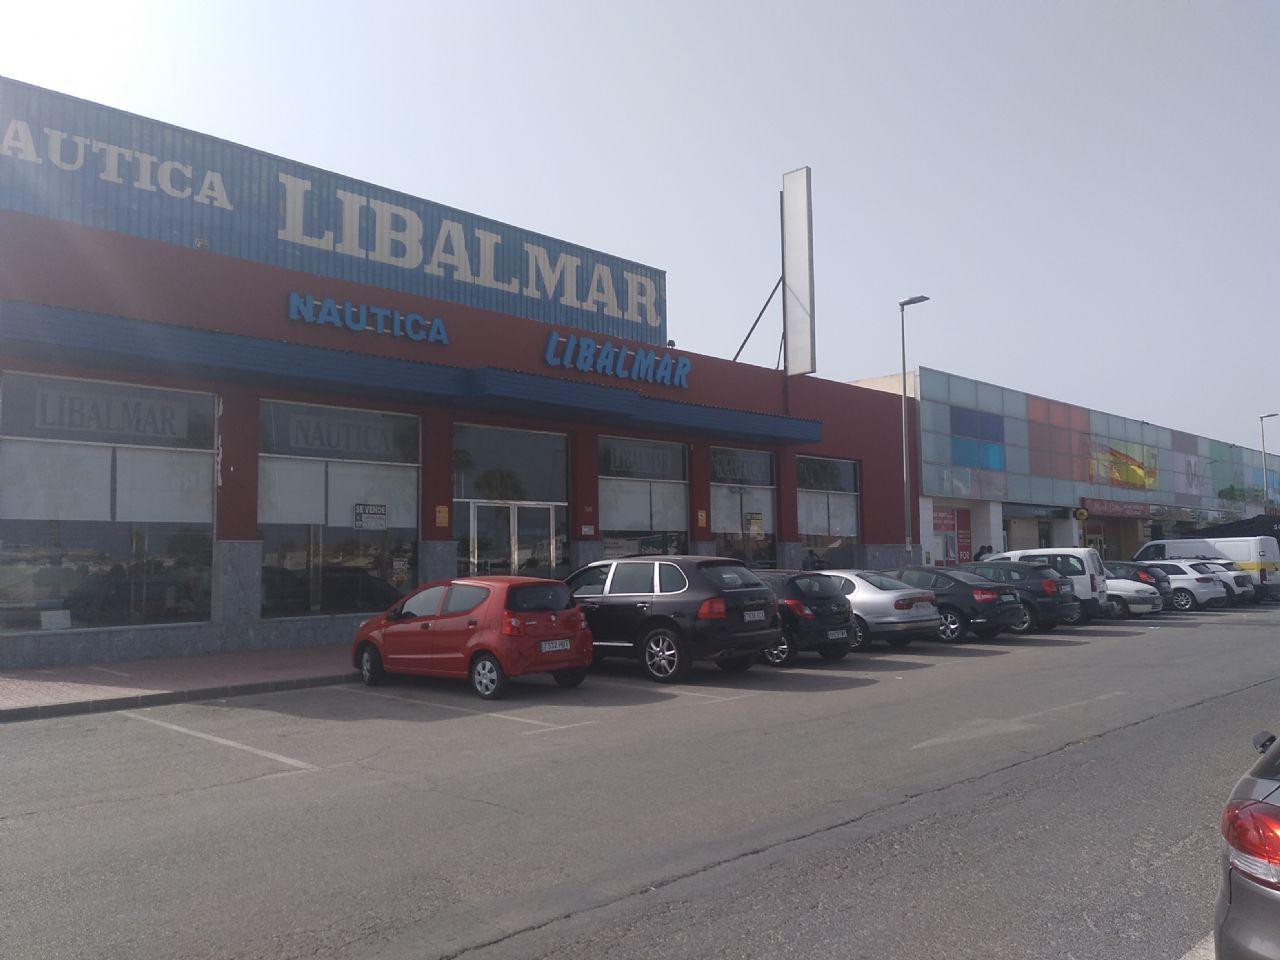 Commercial property in Alcázares, Los, Policia Los Alcázares, for sale